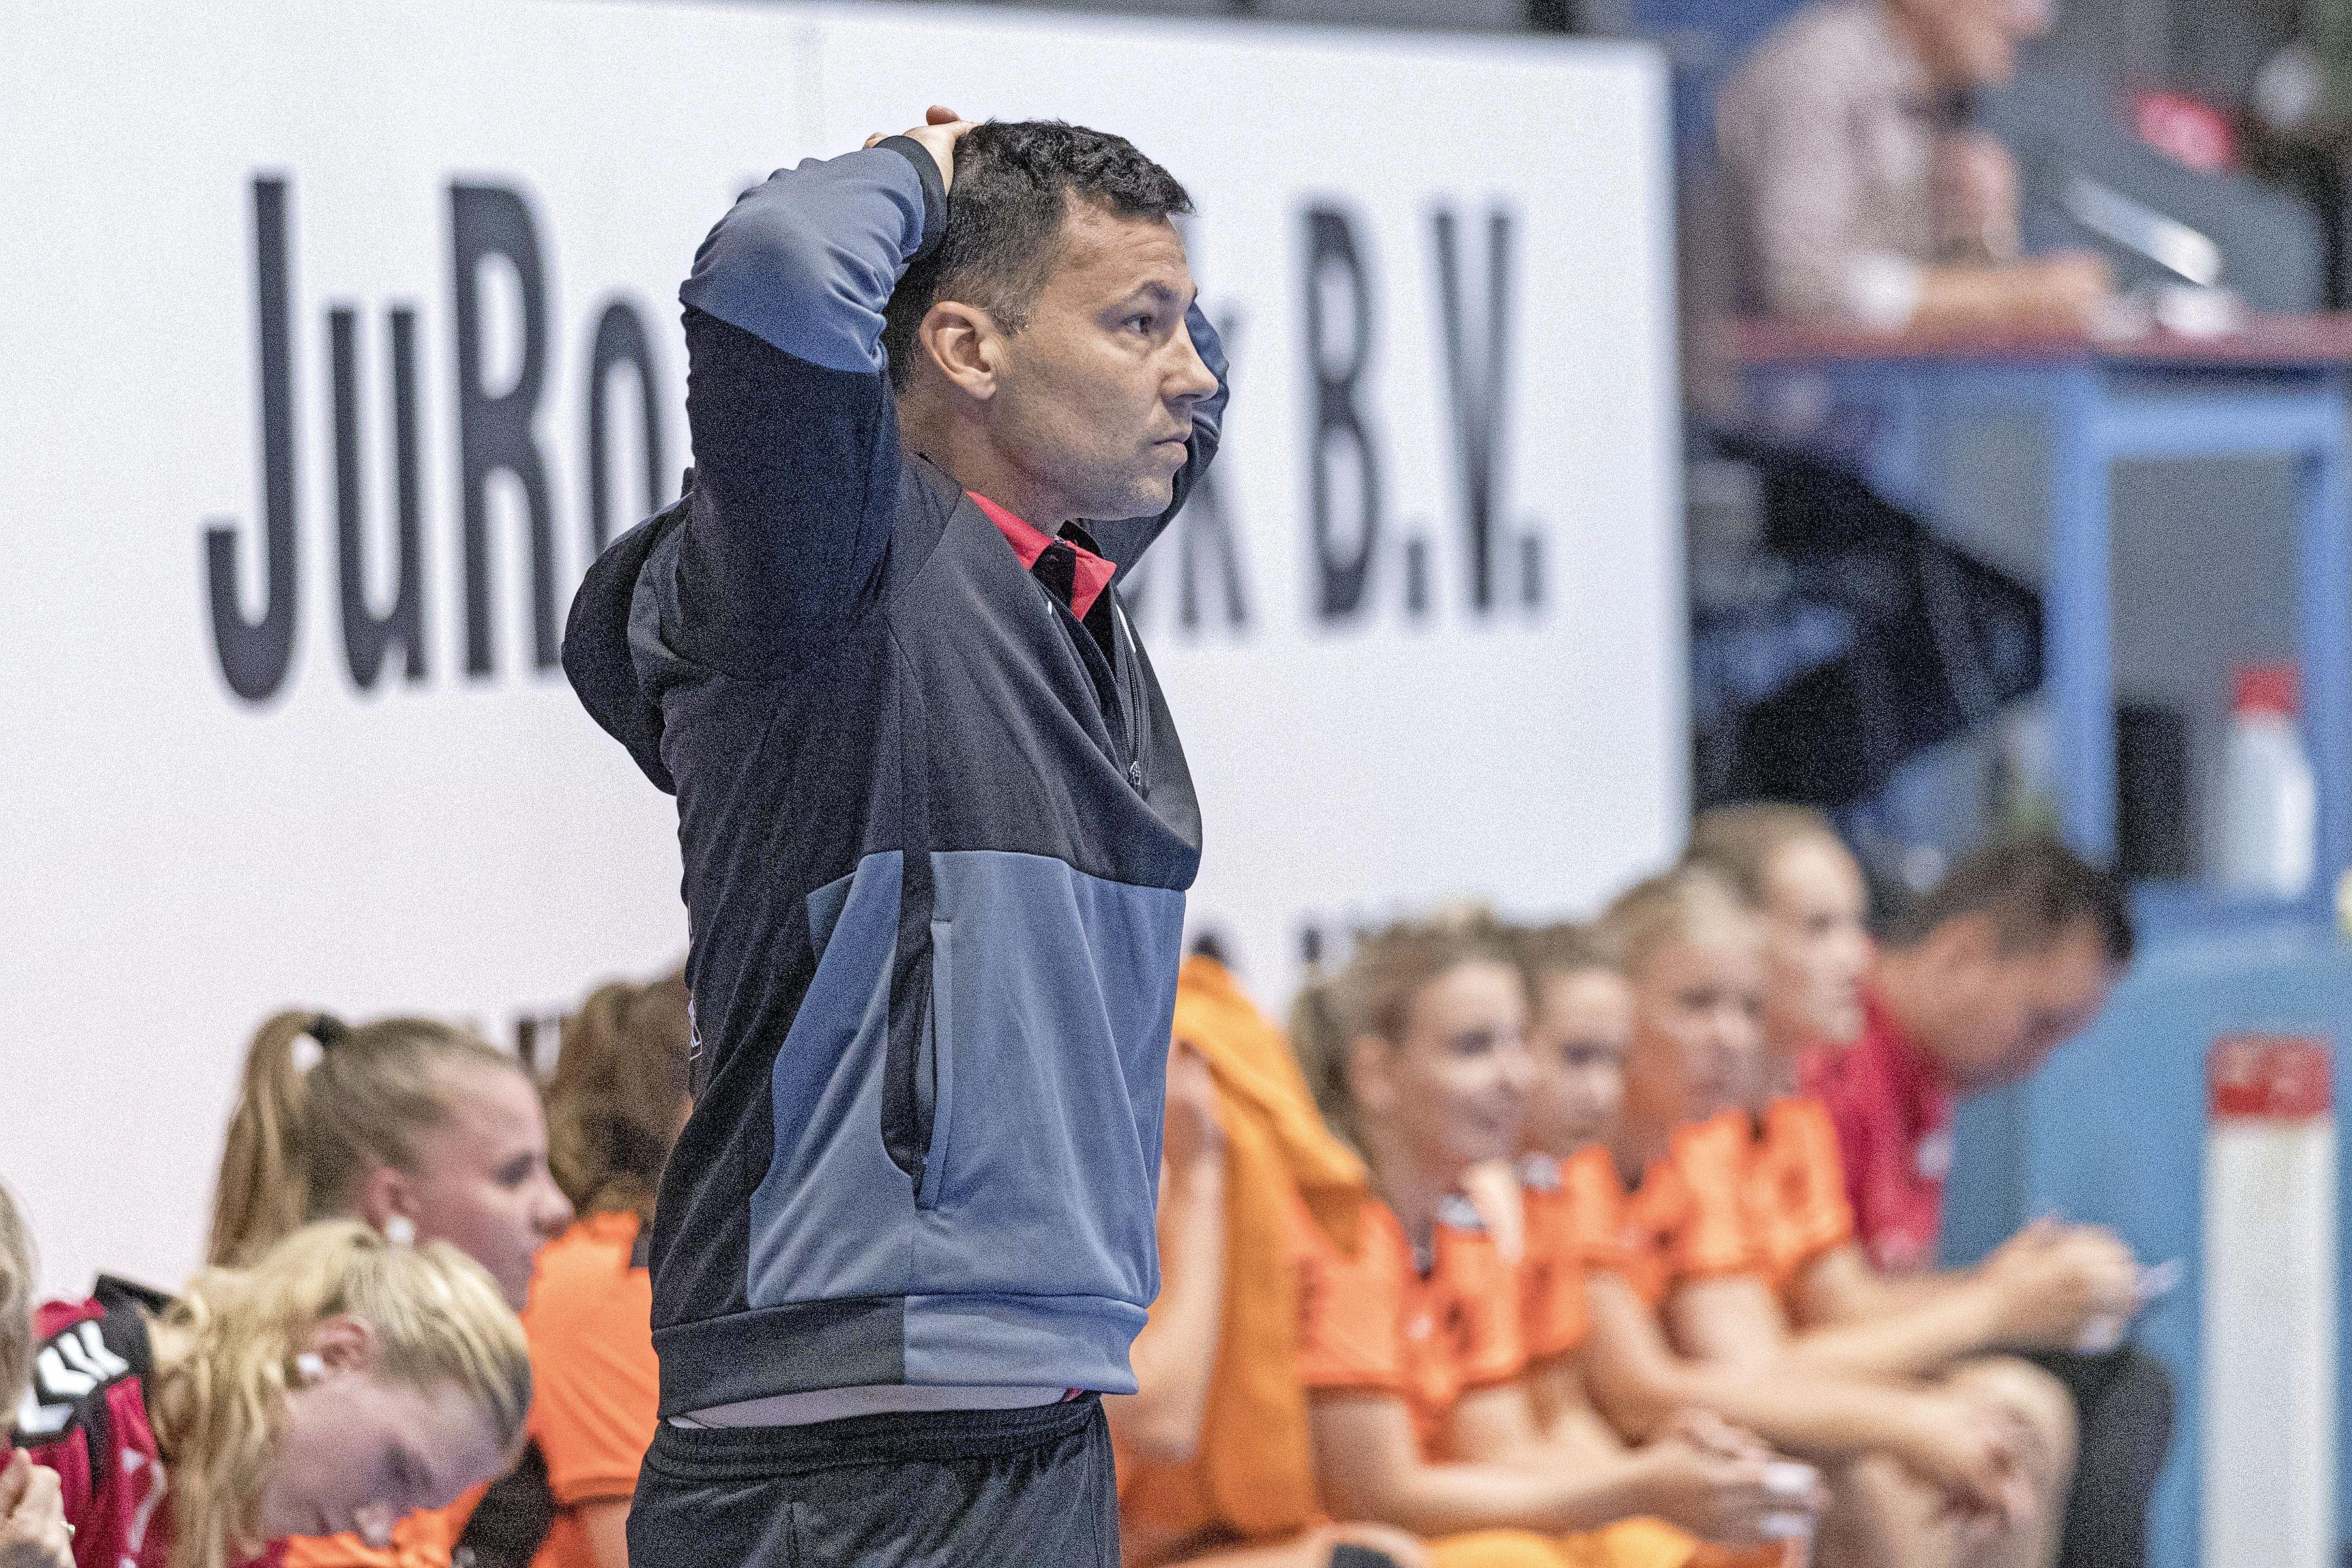 Mark Ortega stapt over naar mannenploeg HV Volendam, voor vrouwen wordt nieuwe coach gezocht: 'We gaan met hem een stevige stap nemen voor de toekomst'